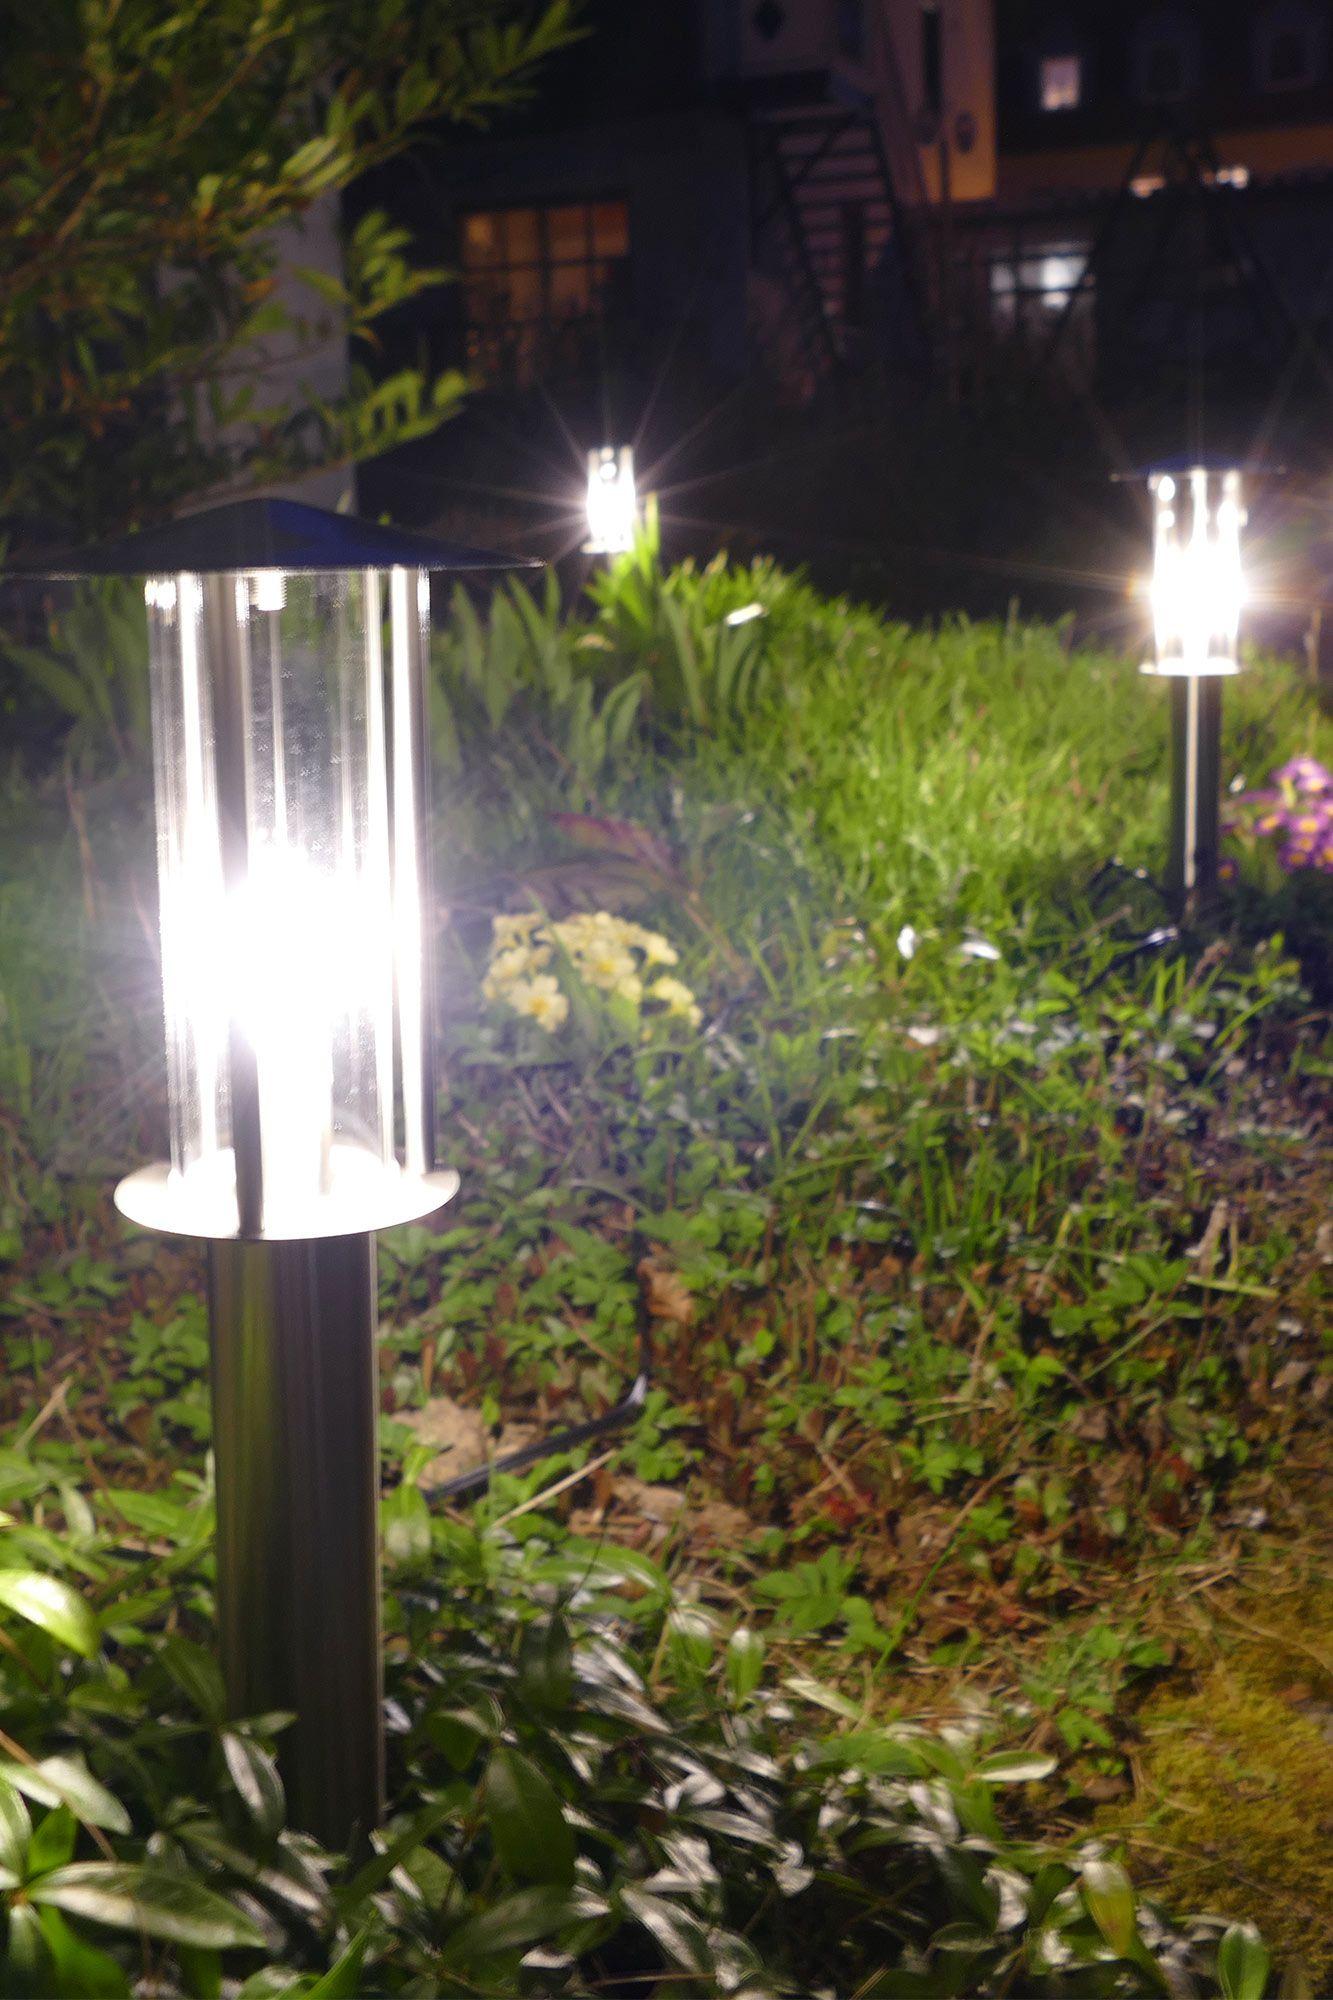 4 Stuck Edelstahl Wegeleuchten Mit Erdspiess Gartenbeleuchtung Garten Kaufen Led Lampen Garten